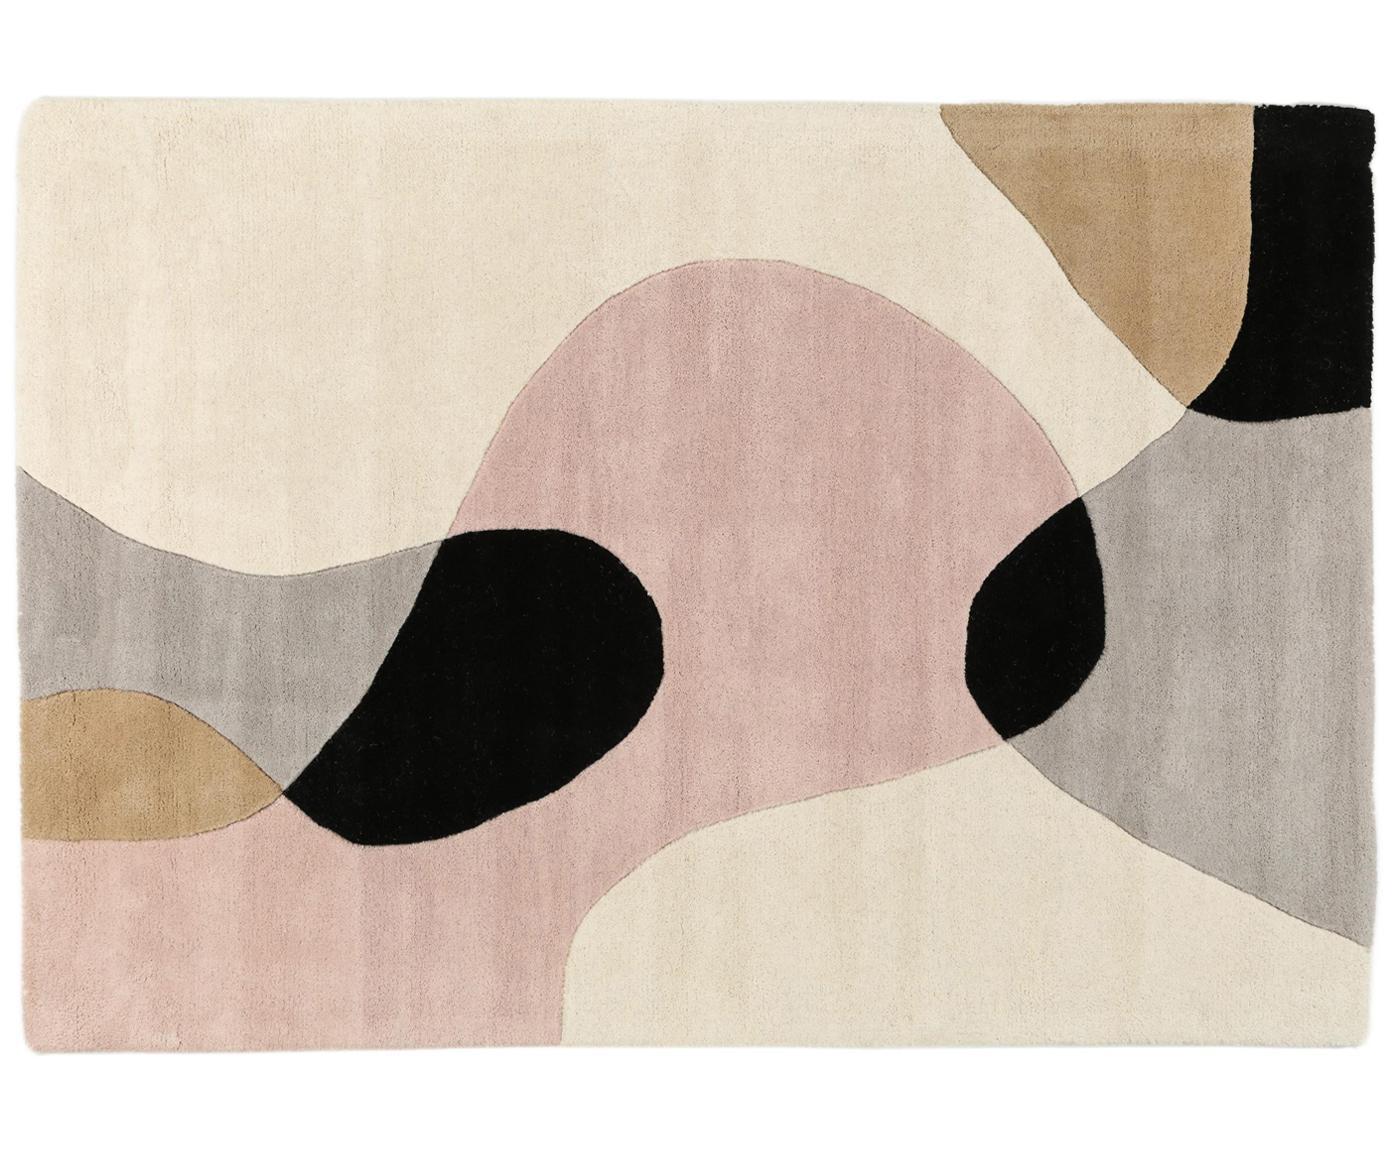 Tappeto in lana taftato a mano Matrix Arc, Retro: cotone, Tonalità beige, rosa, grigio chiaro, nero, Larg. 120 x Lung. 170 cm (taglia S)